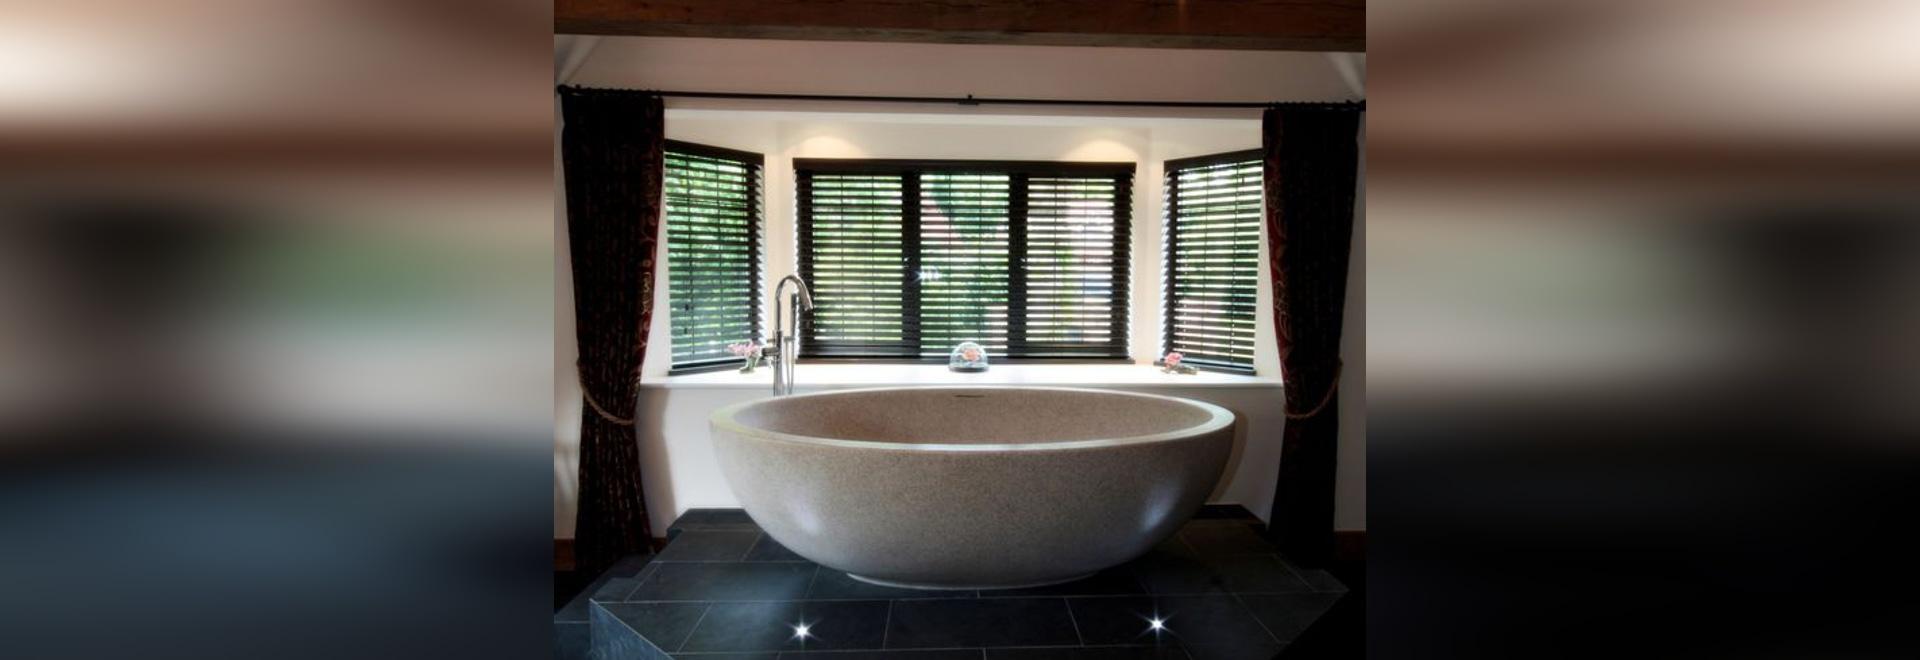 CAPPUCHINO IMPERIA Bathtub By Castello Luxury Baths